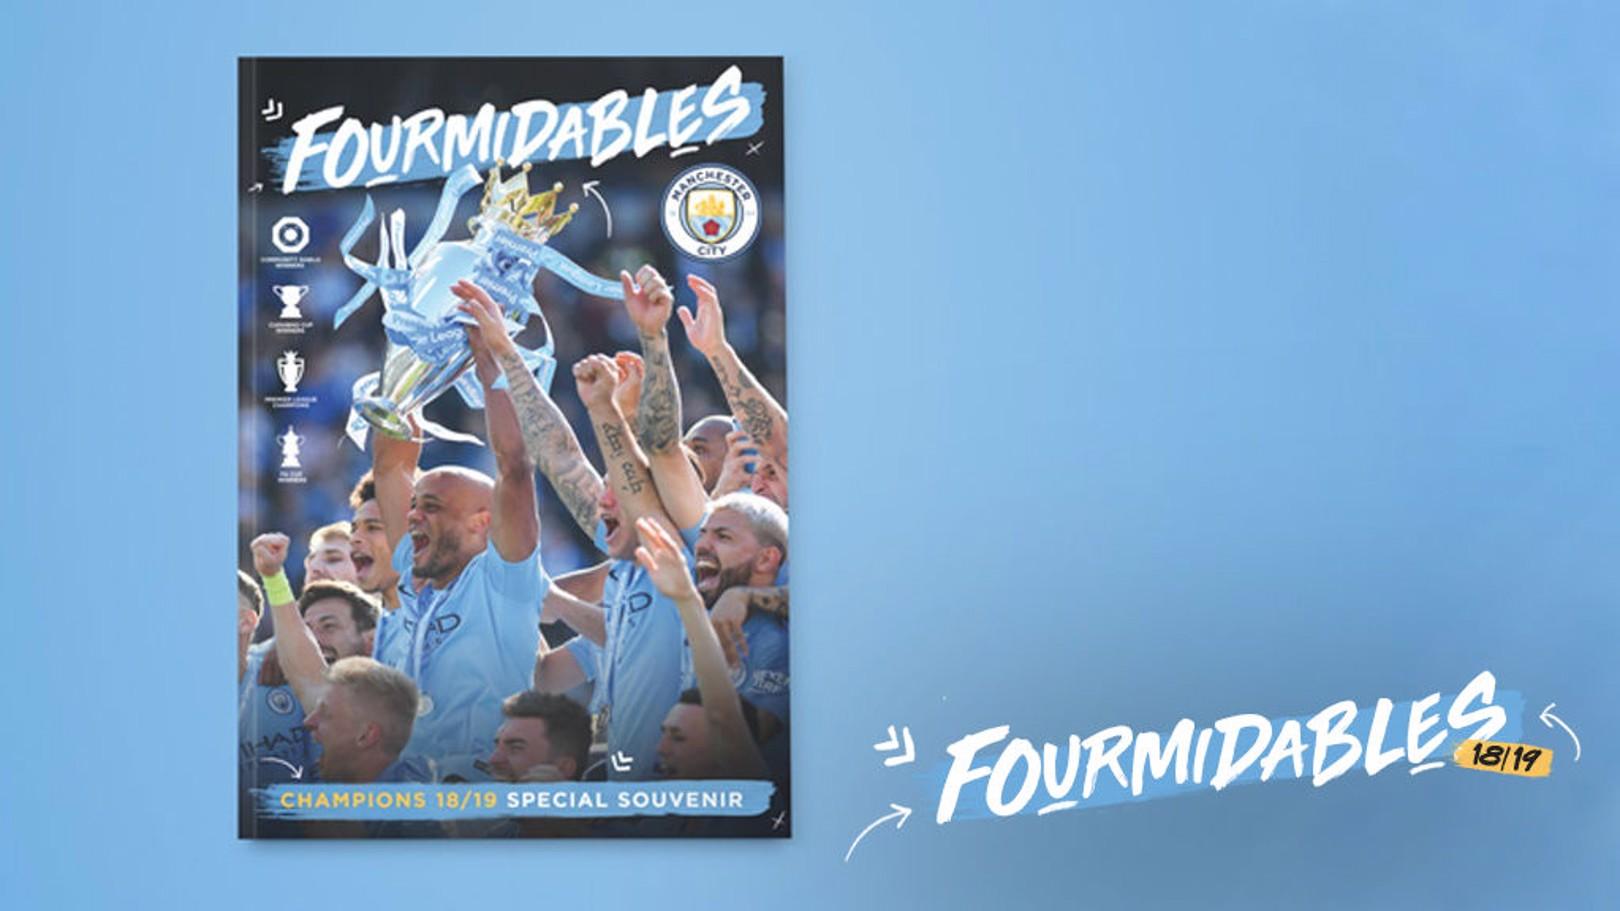 Majalah 'Fourmidables' dijual